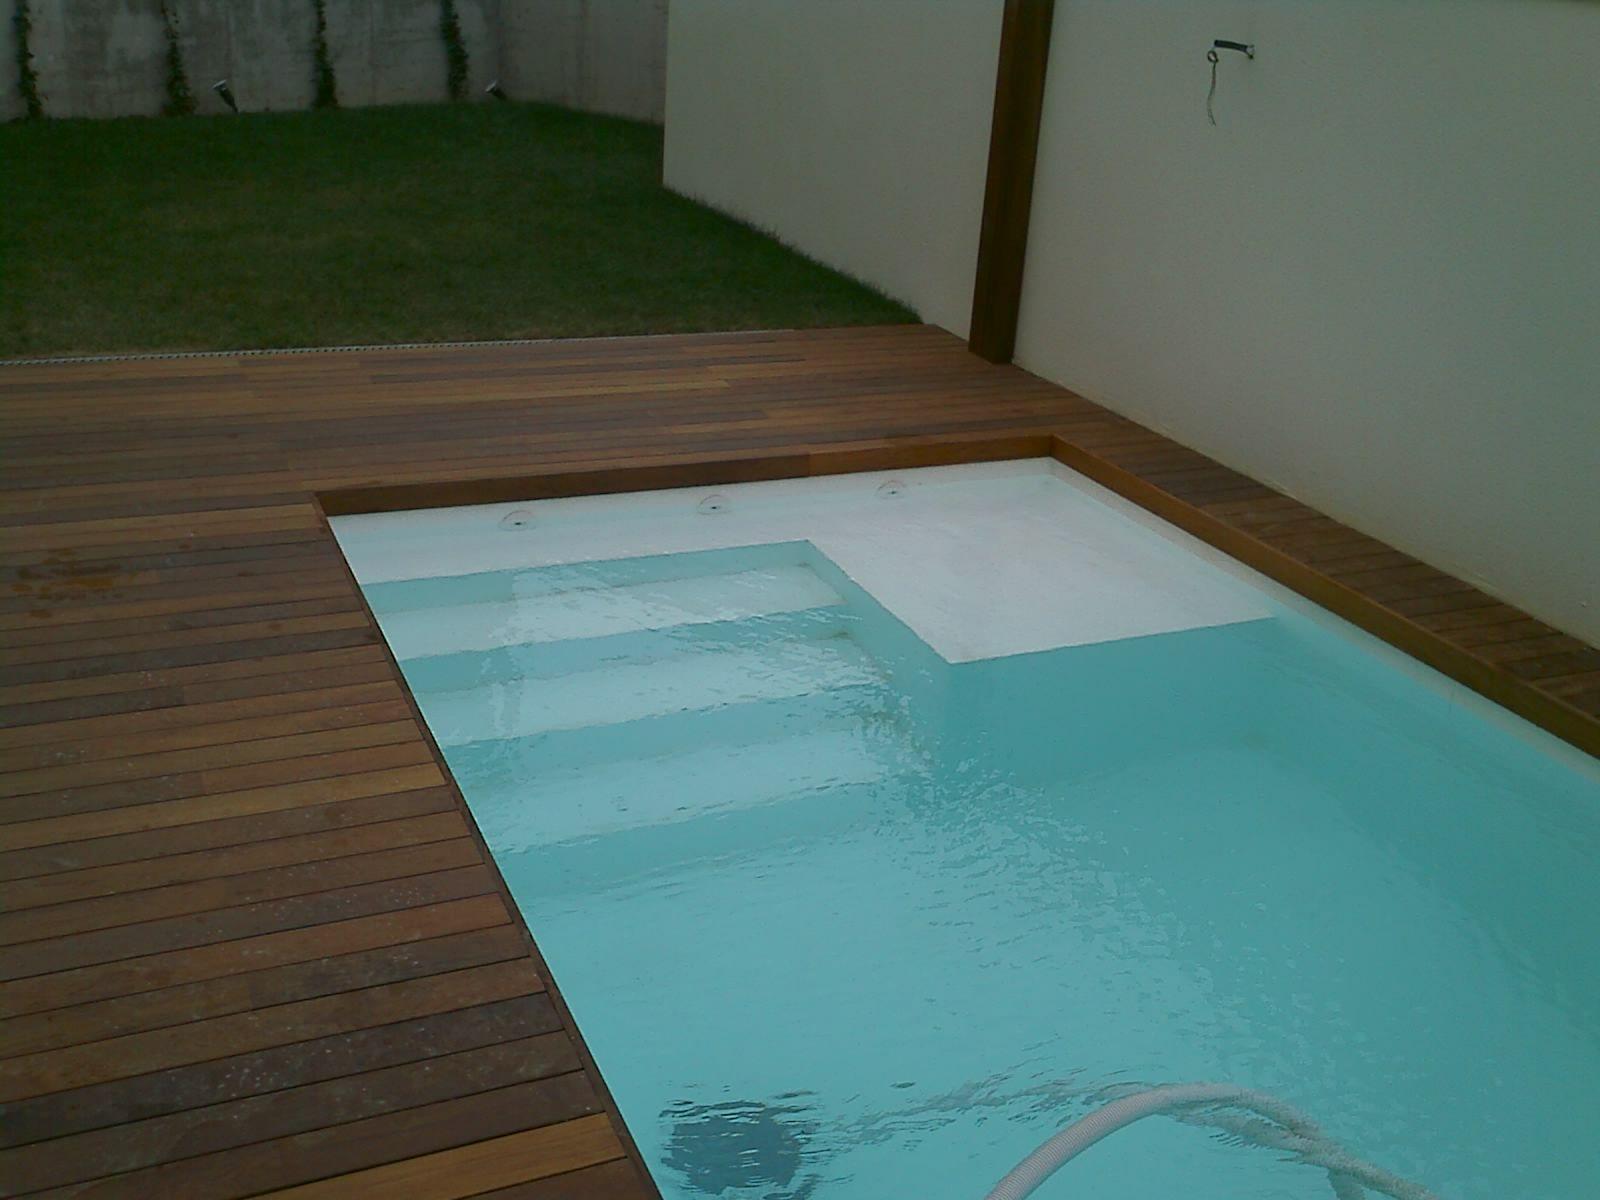 L minas pvc piscinas lisas for Piscinas de pvc